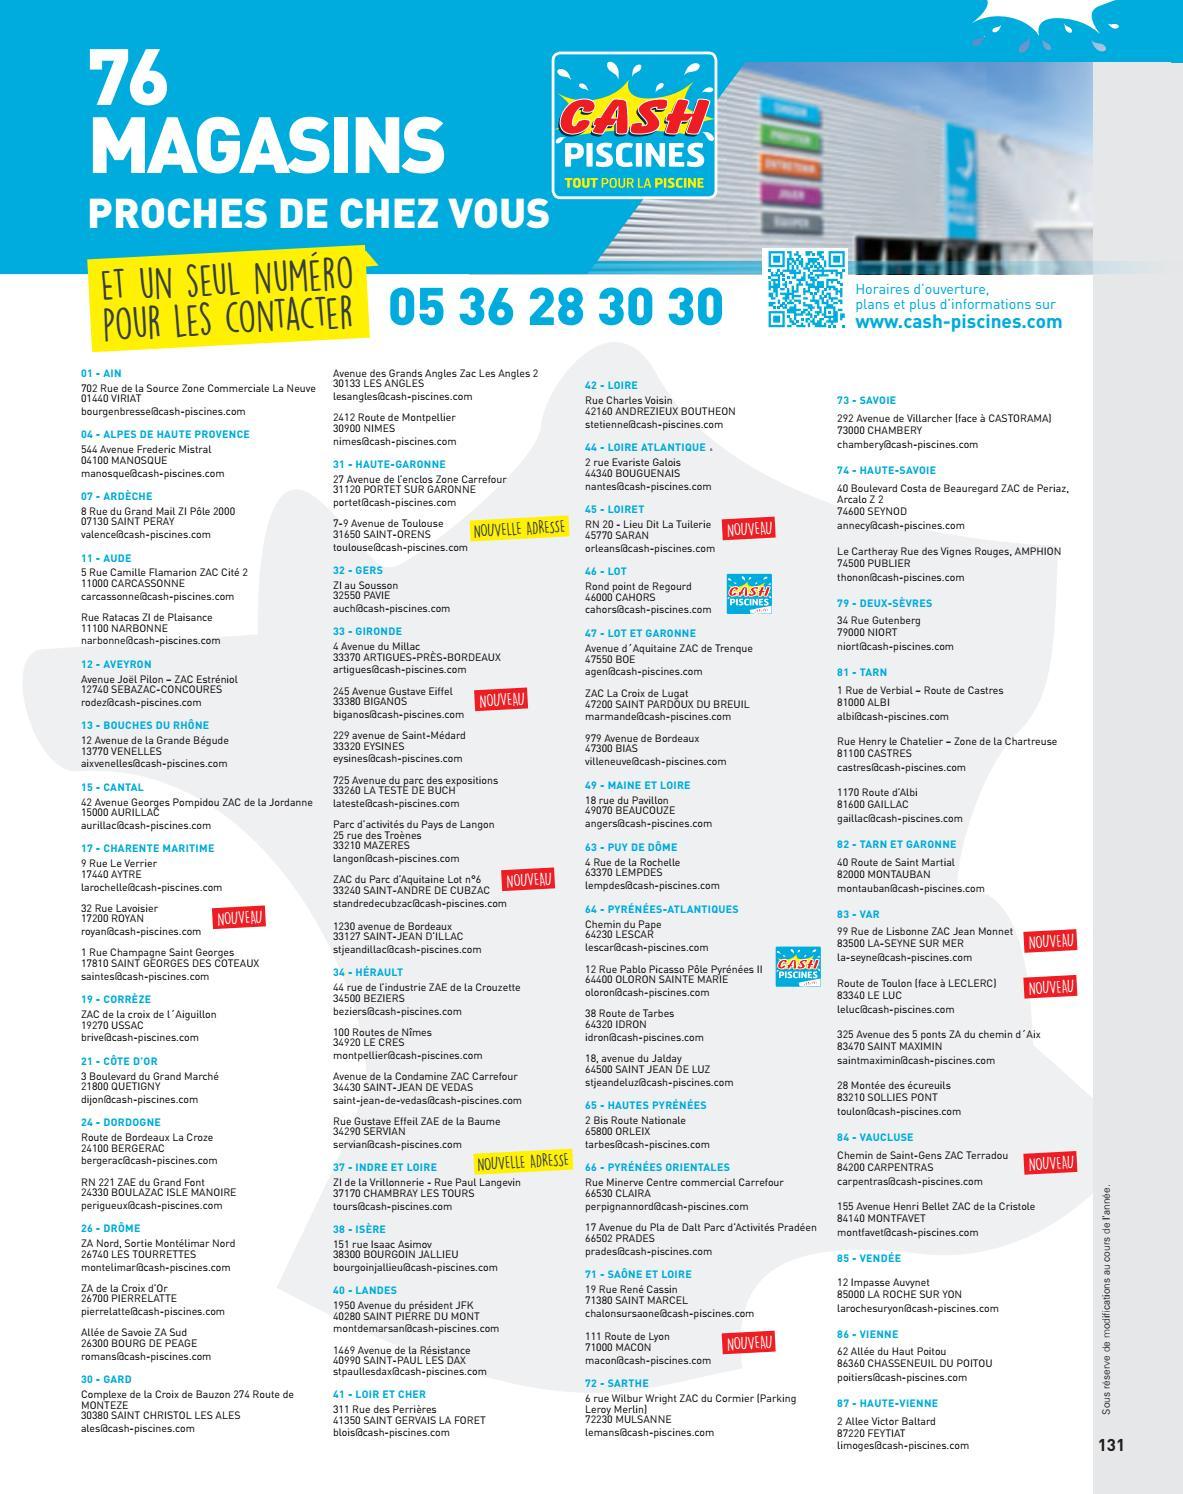 Catalogue Cash Piscine 2018 By Octave Octave - Issuu à Cash Piscine Nimes